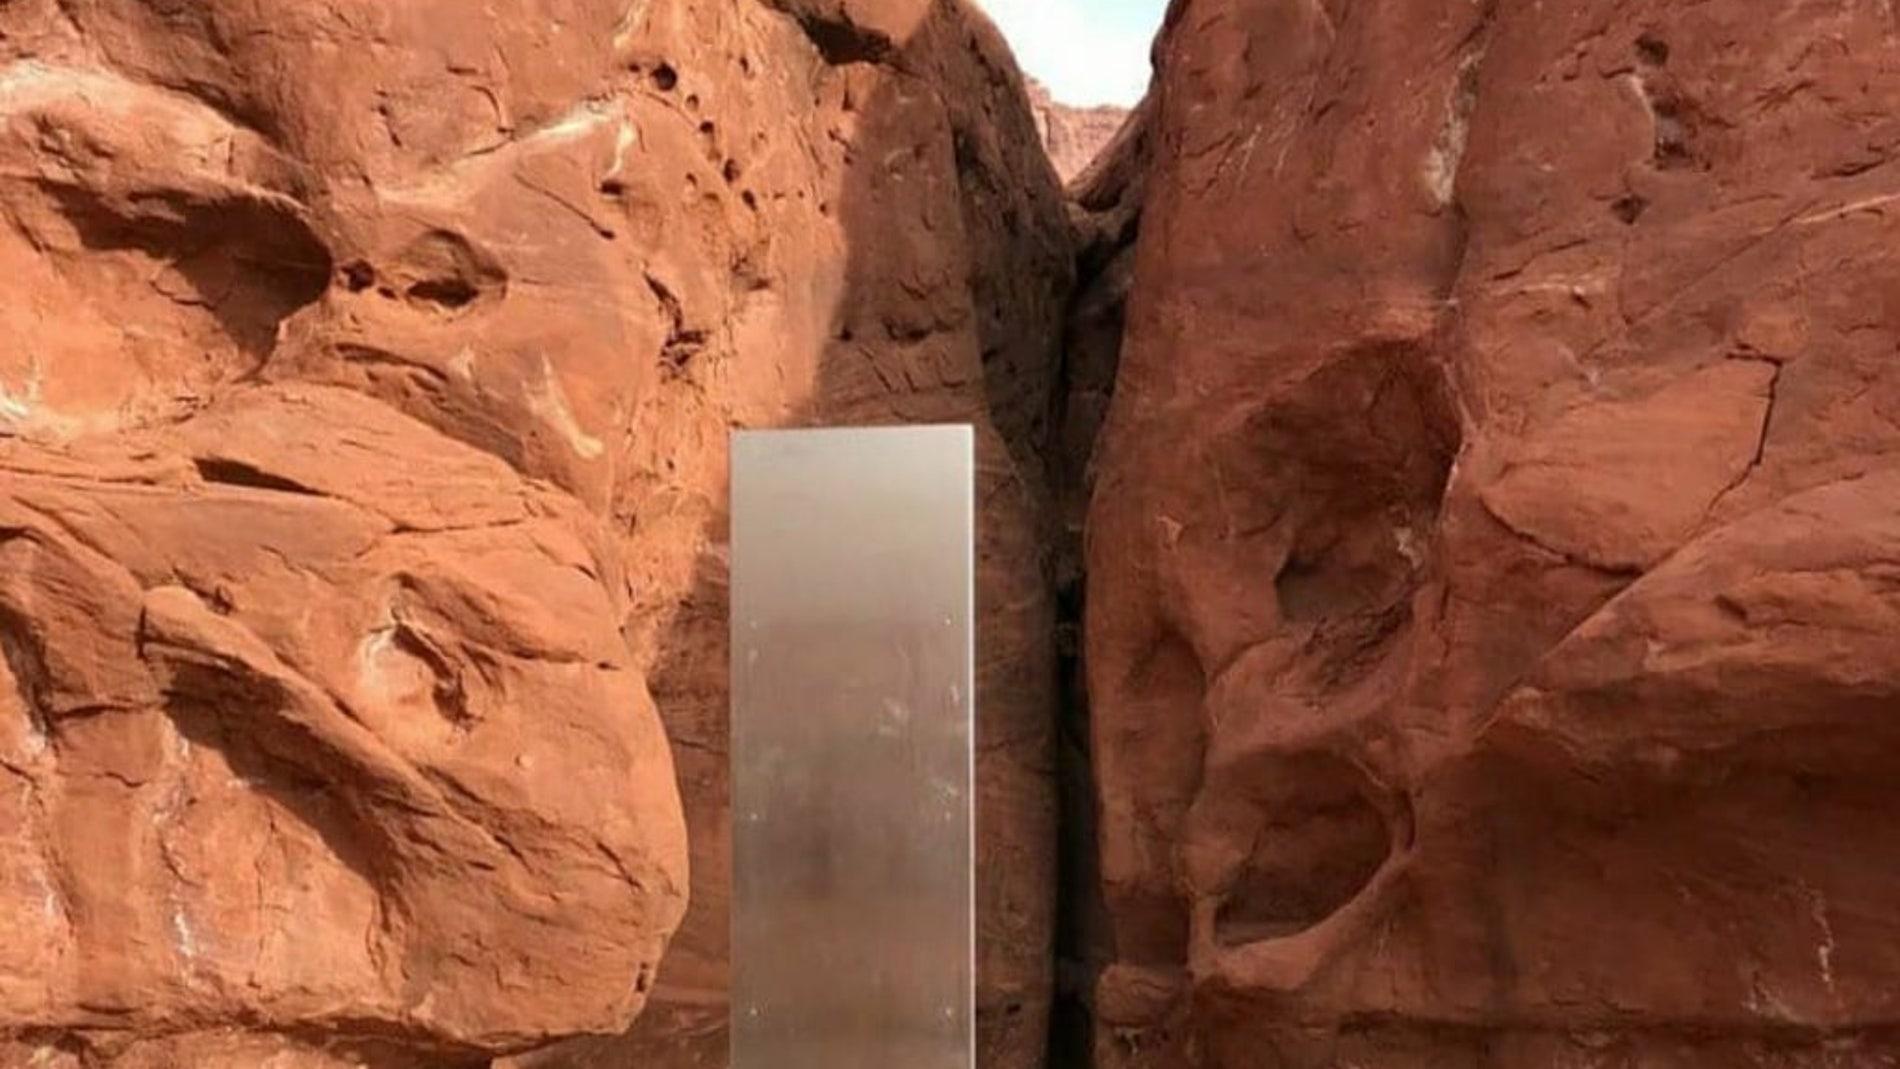 El monolito localizado en el desierto de Utah